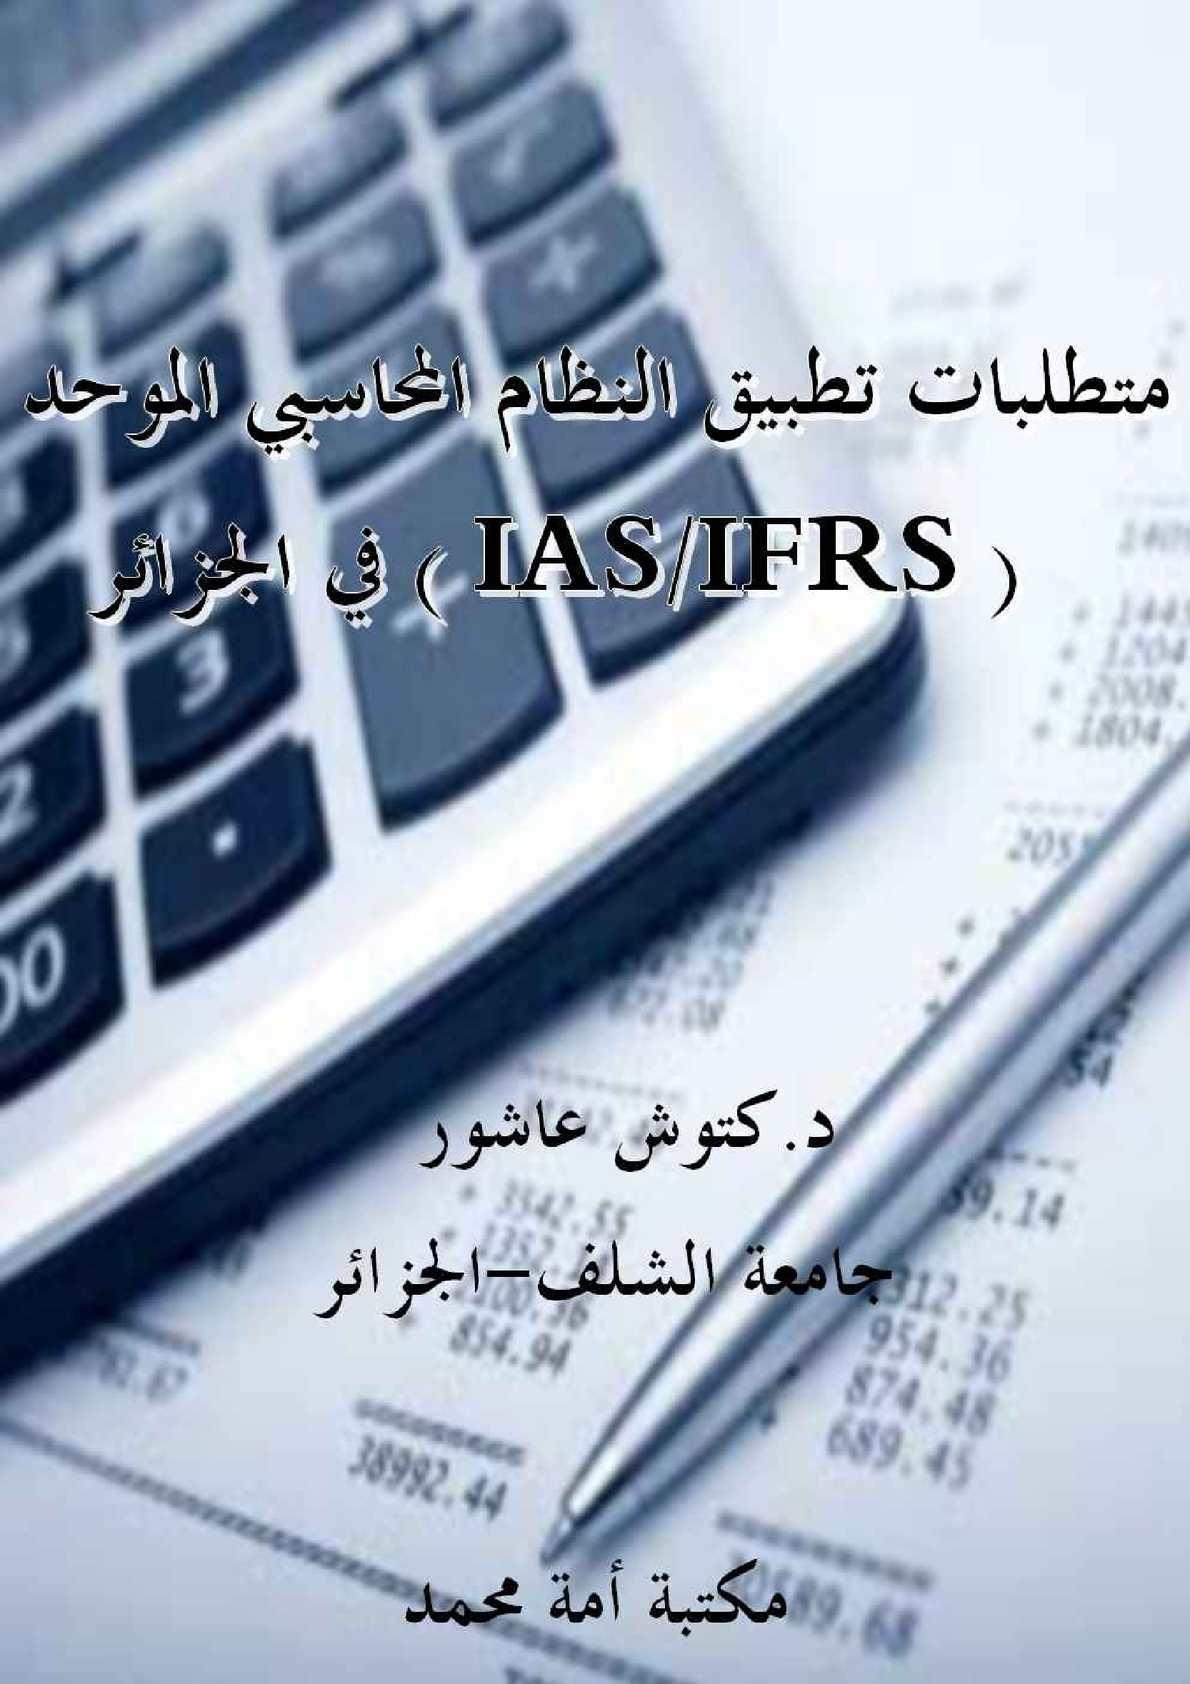 متطلبات تطبيق النظام المحاسبي الموحد